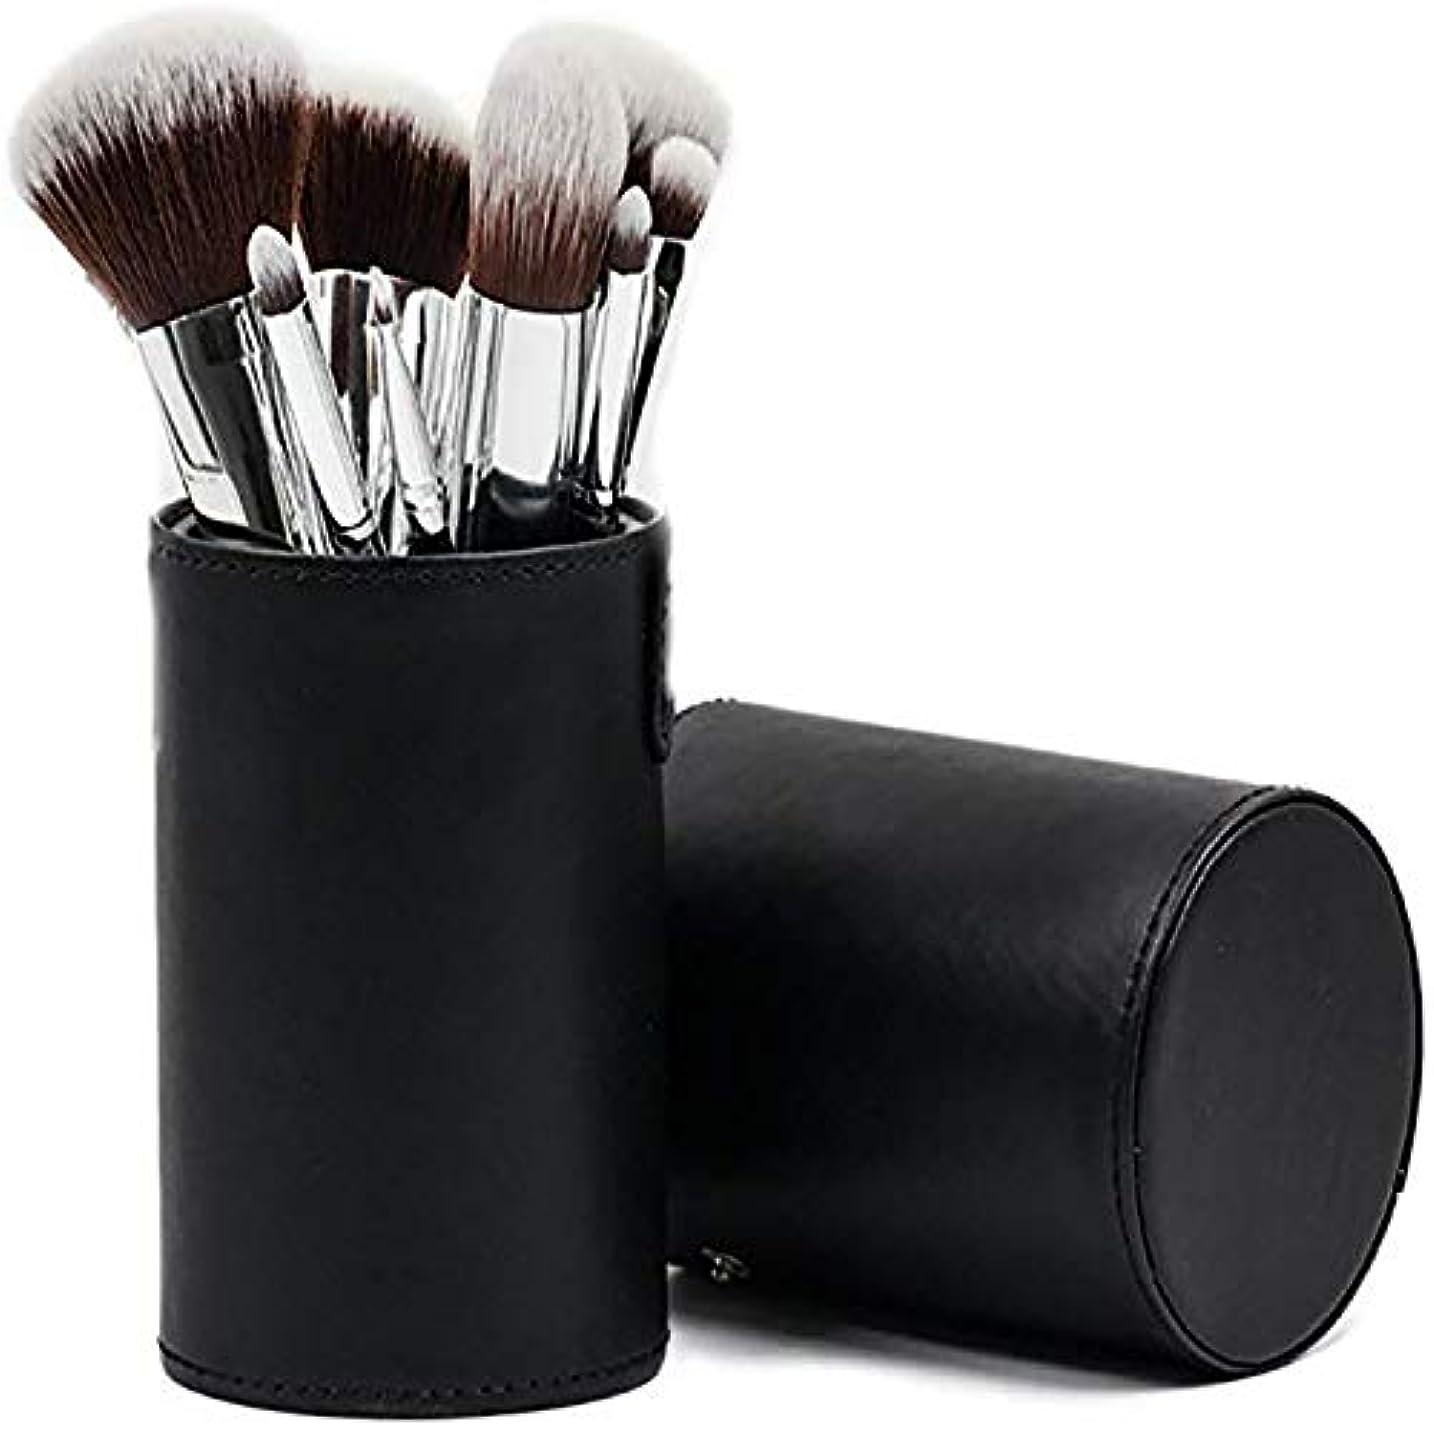 ステンレス来て説明する[Huadoud]メイクブラシ 11本セット 化粧筆 フ ェイスブラシ 化粧ブラシ ブラック 収納ケース付き SCW-HZshua-11